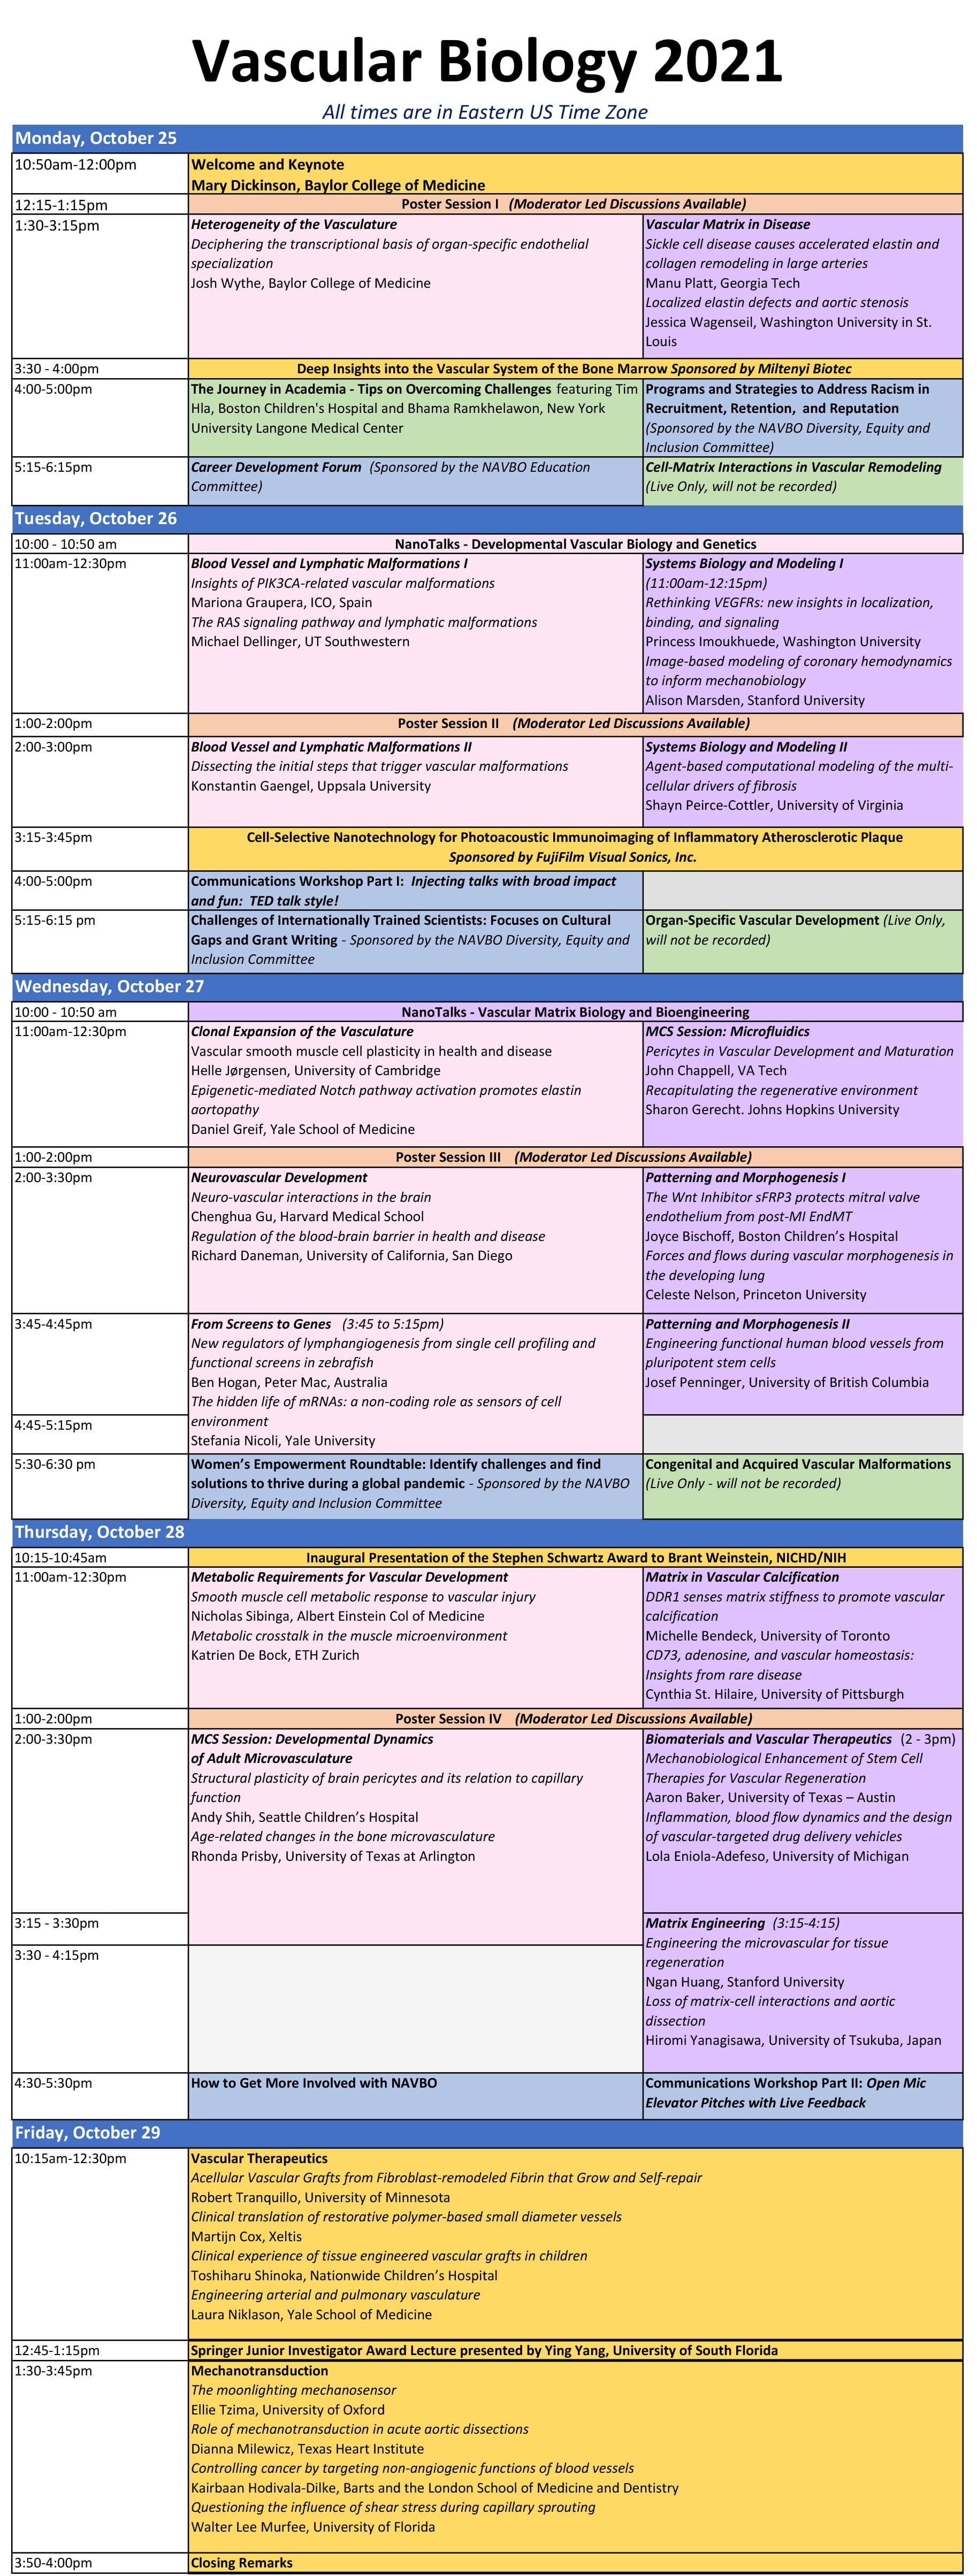 VB2021 Schedule